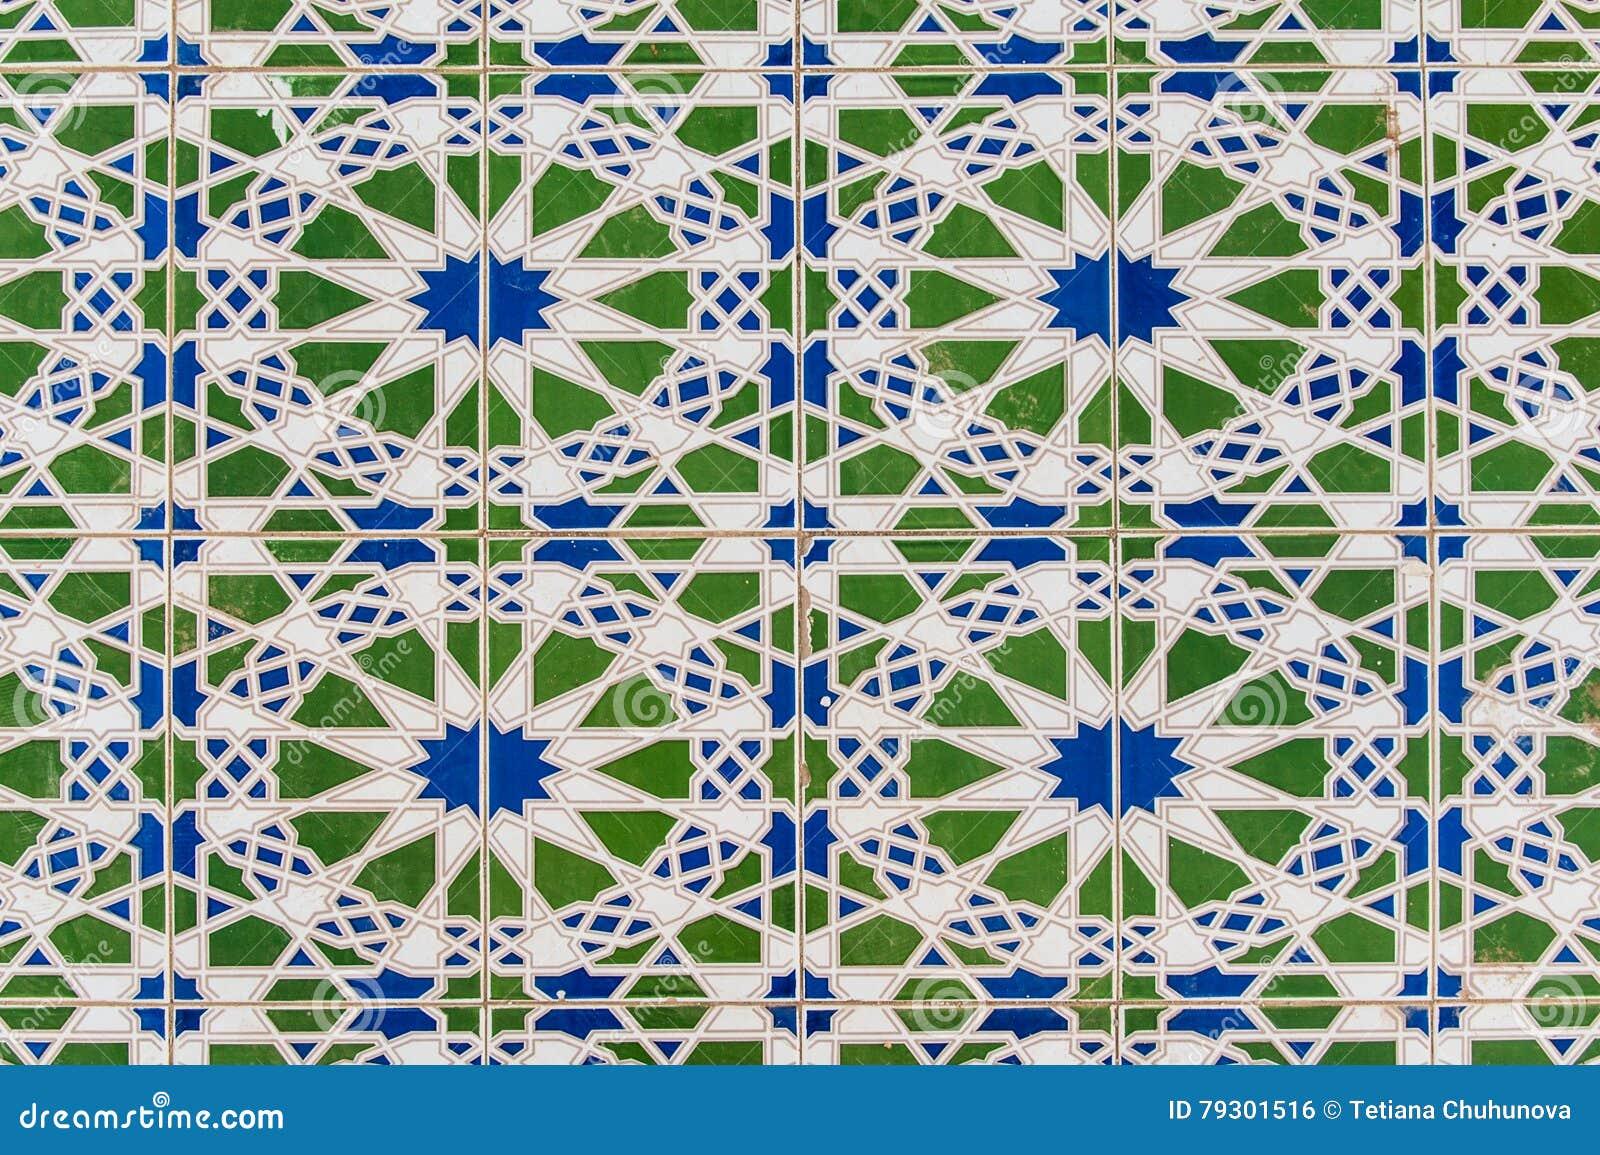 Tegels Met Patroon : Keramische patroon tegels voor bedrijfsruimtes tegelaer